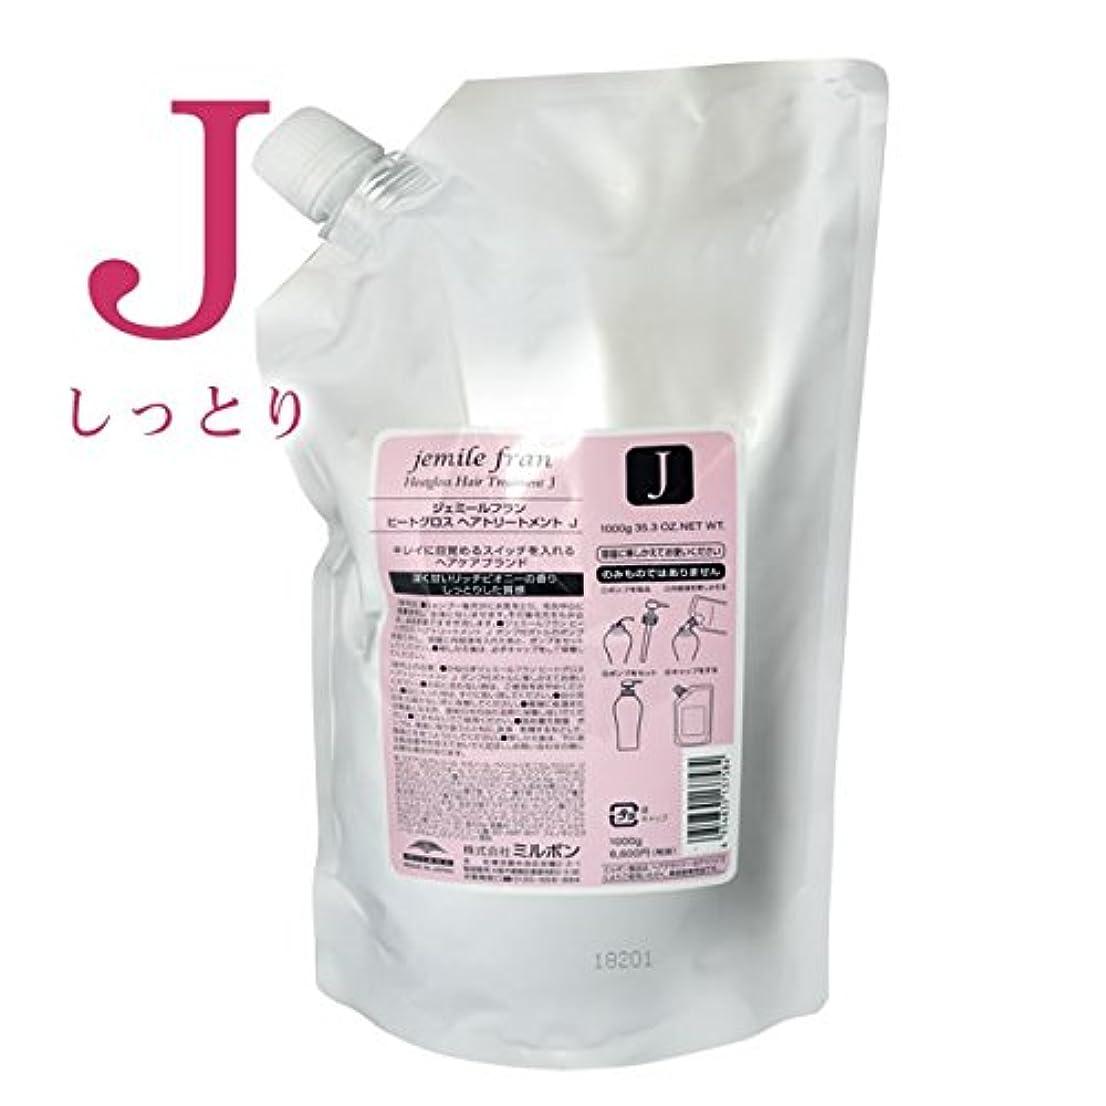 浸透する栄光のライバルミルボン|ジェミールフラン ヒートグロス トリートメントJ 1000g (詰替用)